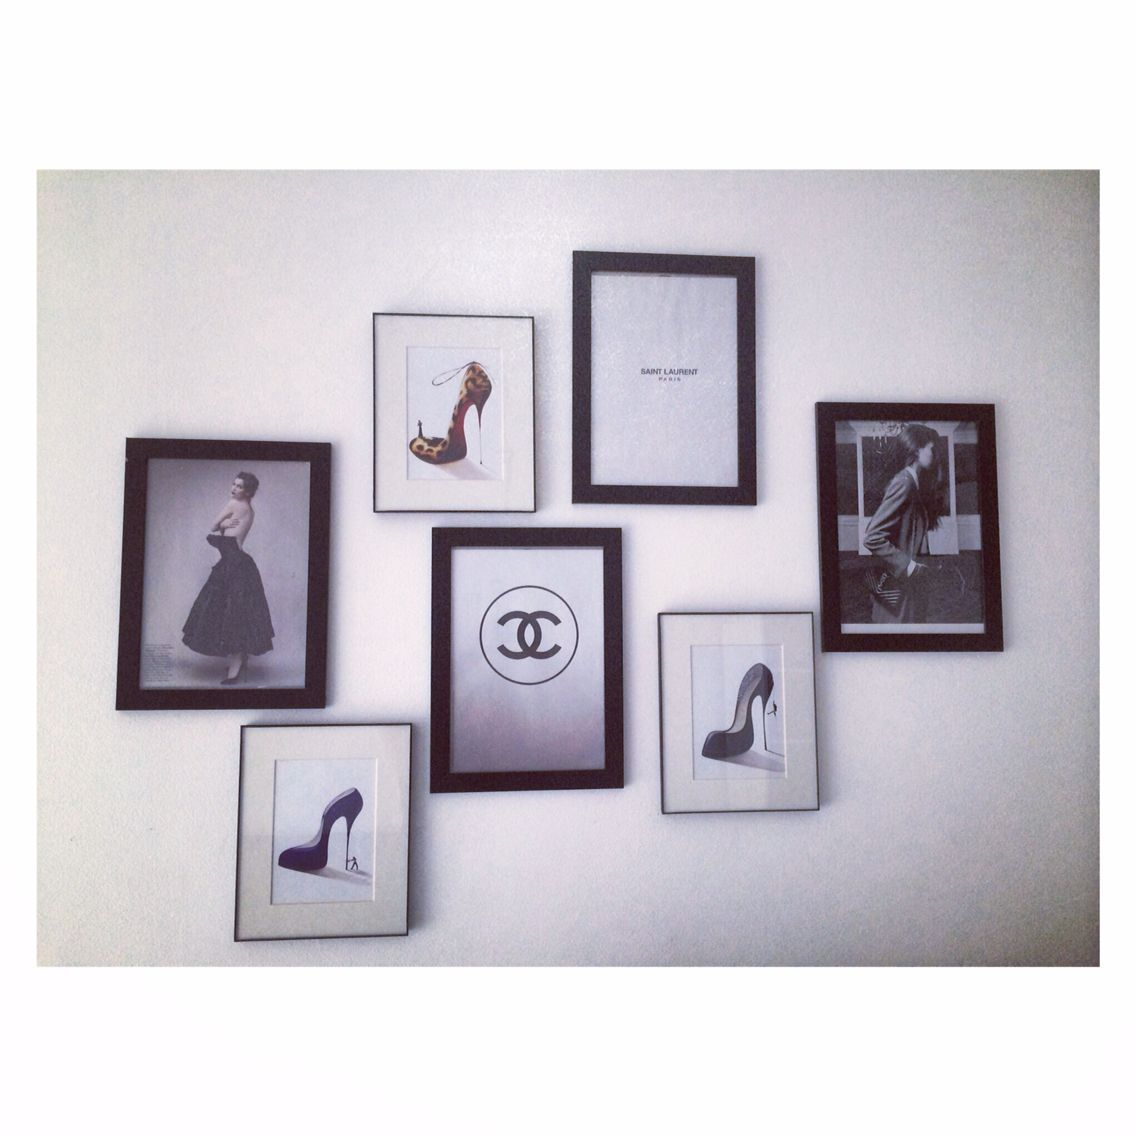 The wall ! #chanel #saintlaurent #shoes #louboutin